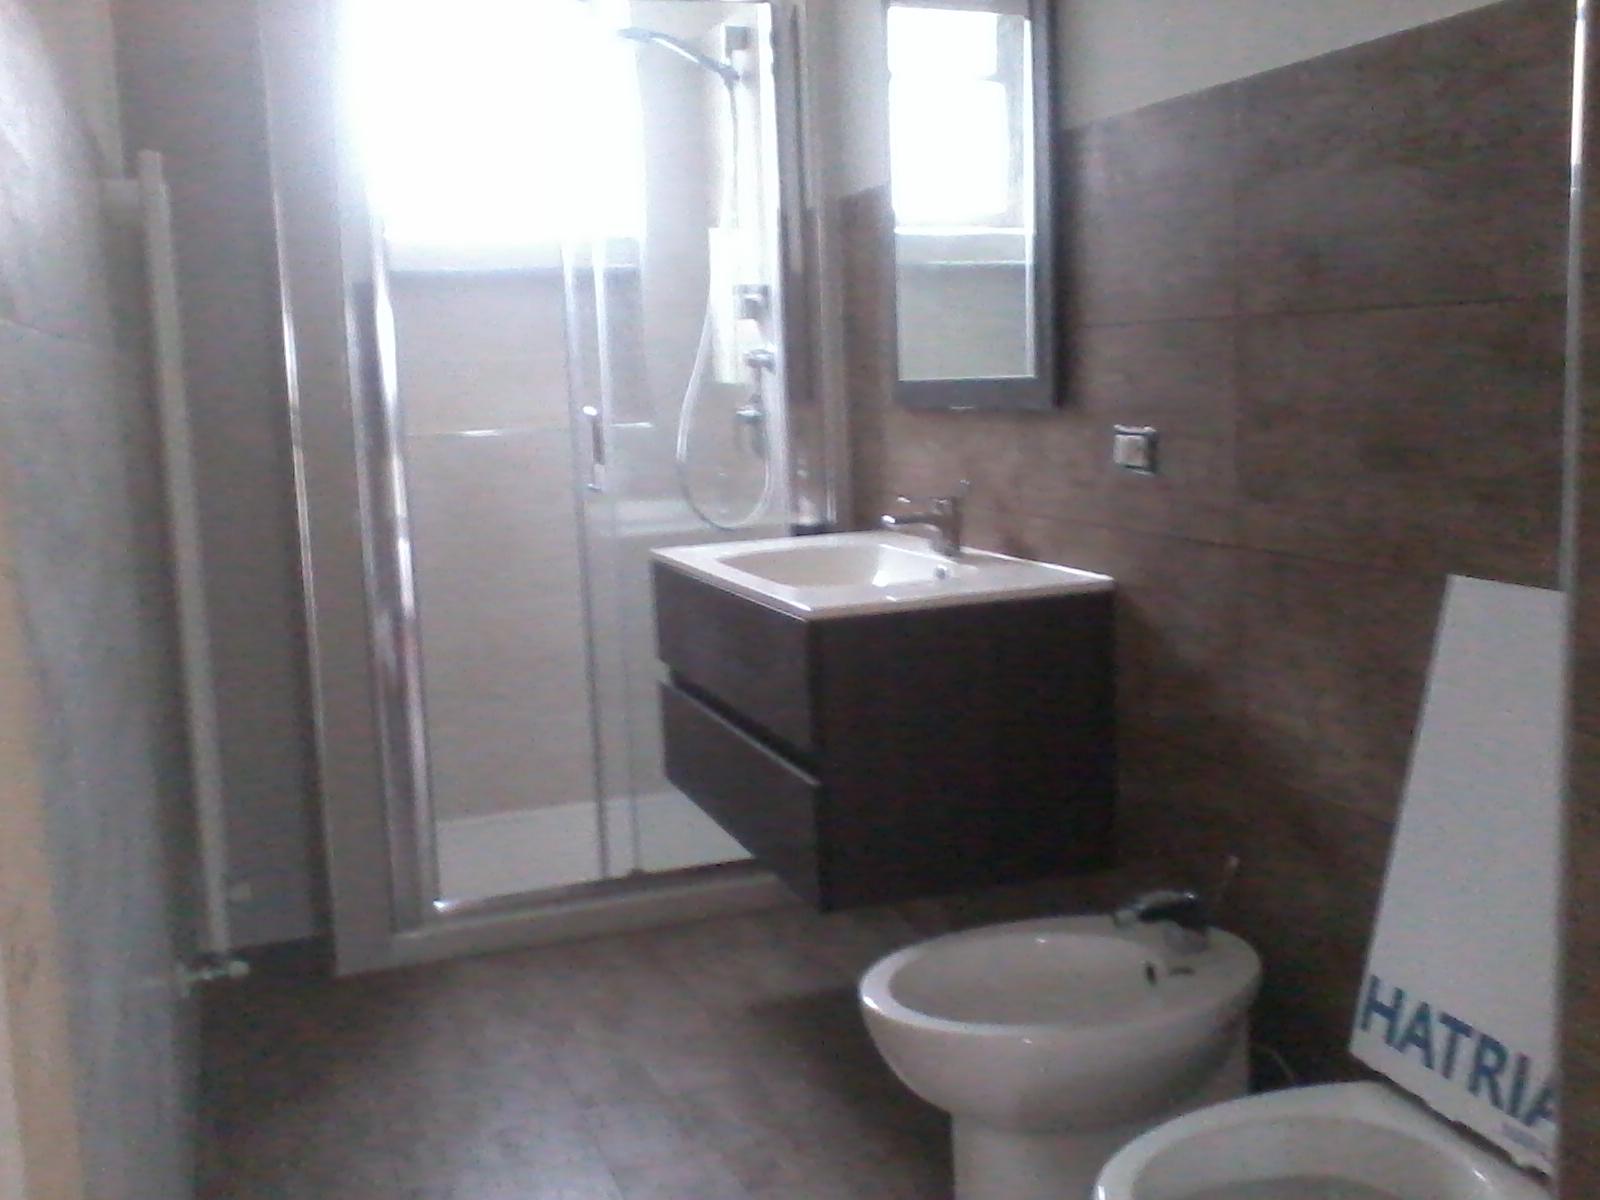 Ristrutturazione appartamenti milano ristrutturazione milano - Bagno ristrutturazione costo ...